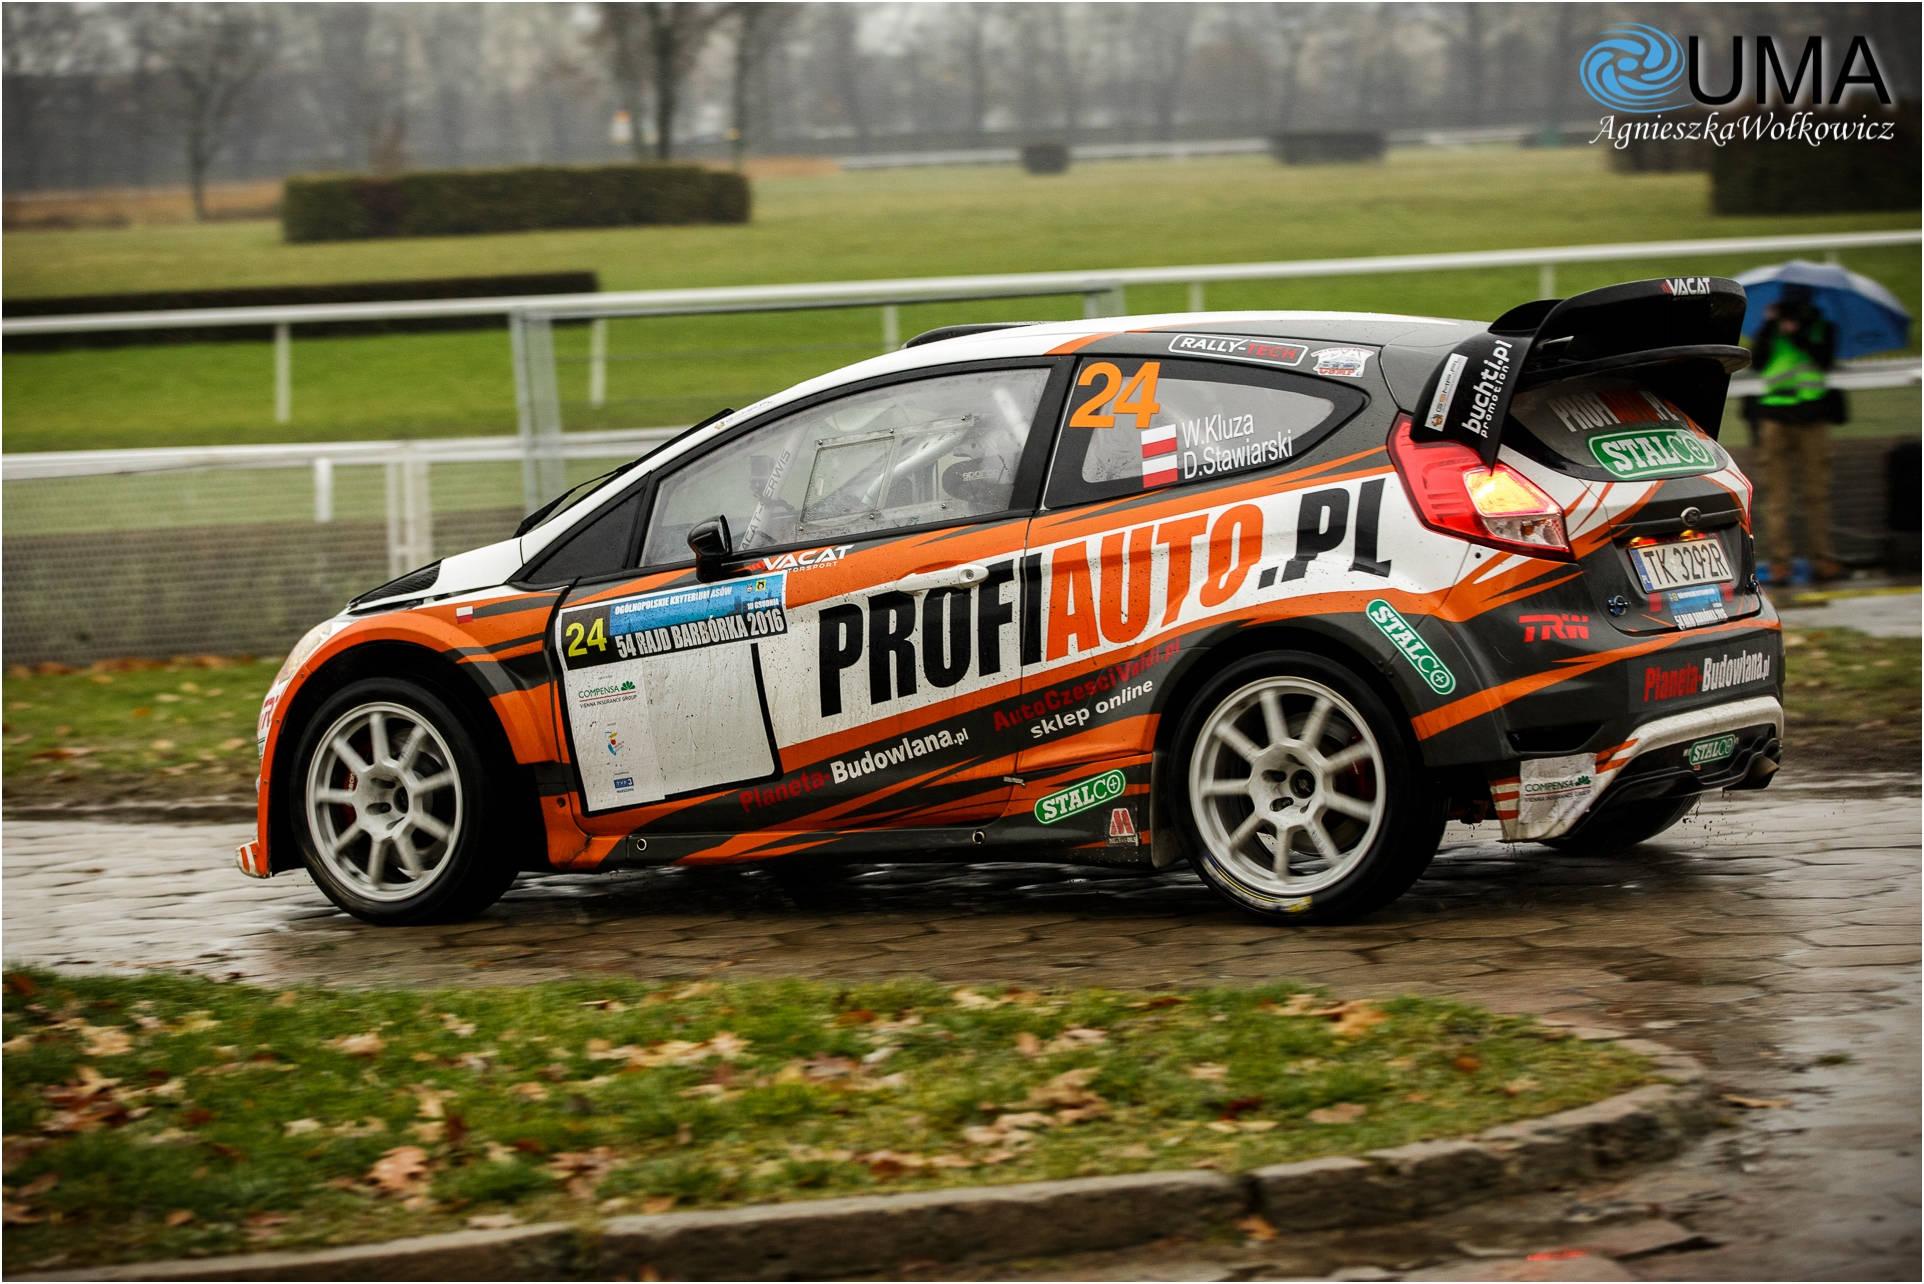 Waldemar Kluza / Daniel Stawiarski - Memoriał 2017 - Ford Fiesta Proto